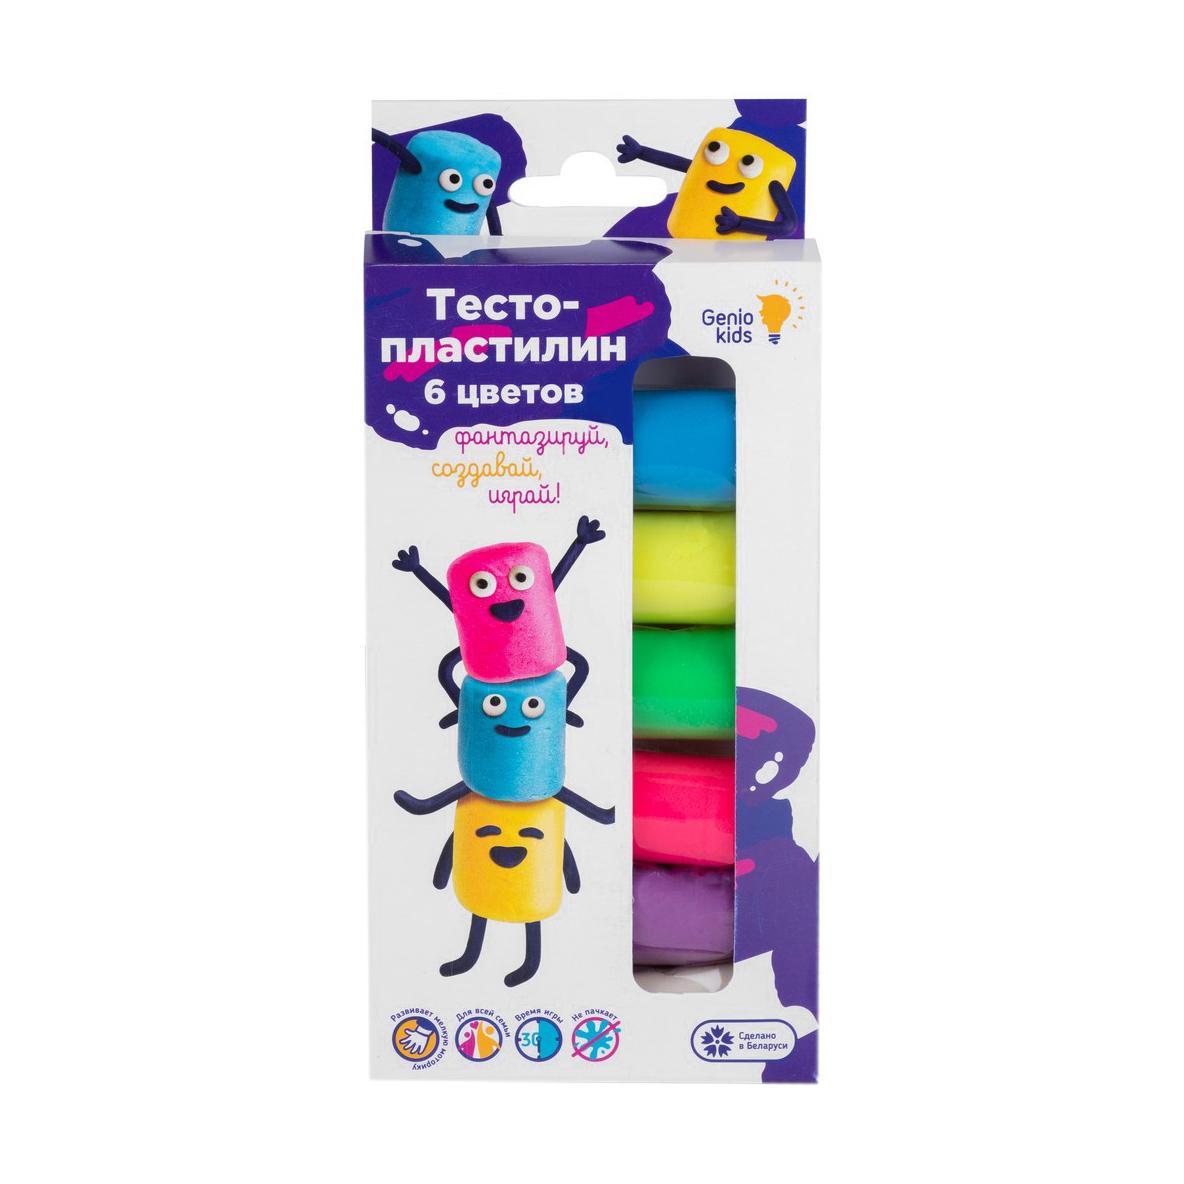 Фото - Набор для лепки Genio Kids-Art Тесто-пластилин 6 шт genio kids набор для лепки genio kids лёгкий пластилин 6 цветов 150 г